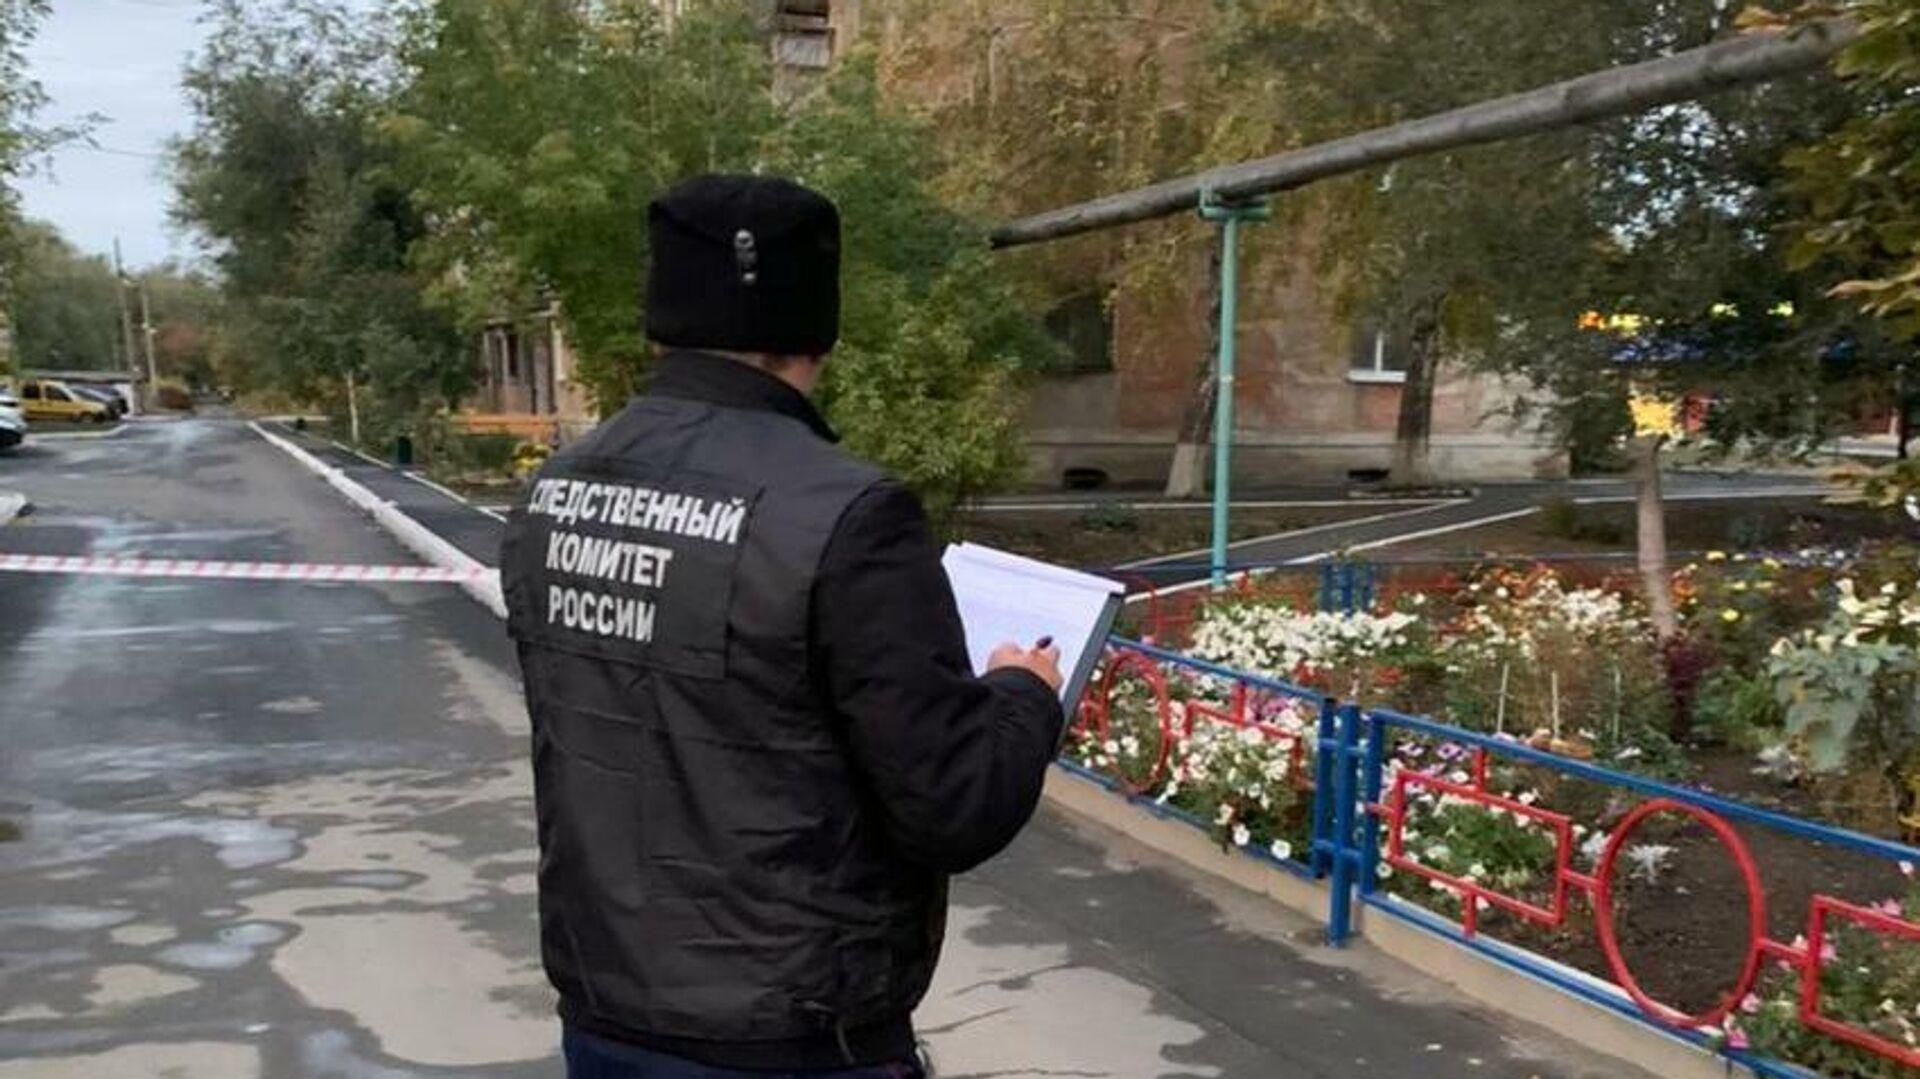 Сотрудник Следственного комитета на месте убийства трех девушек в Оренбургской области - РИА Новости, 1920, 01.10.2021